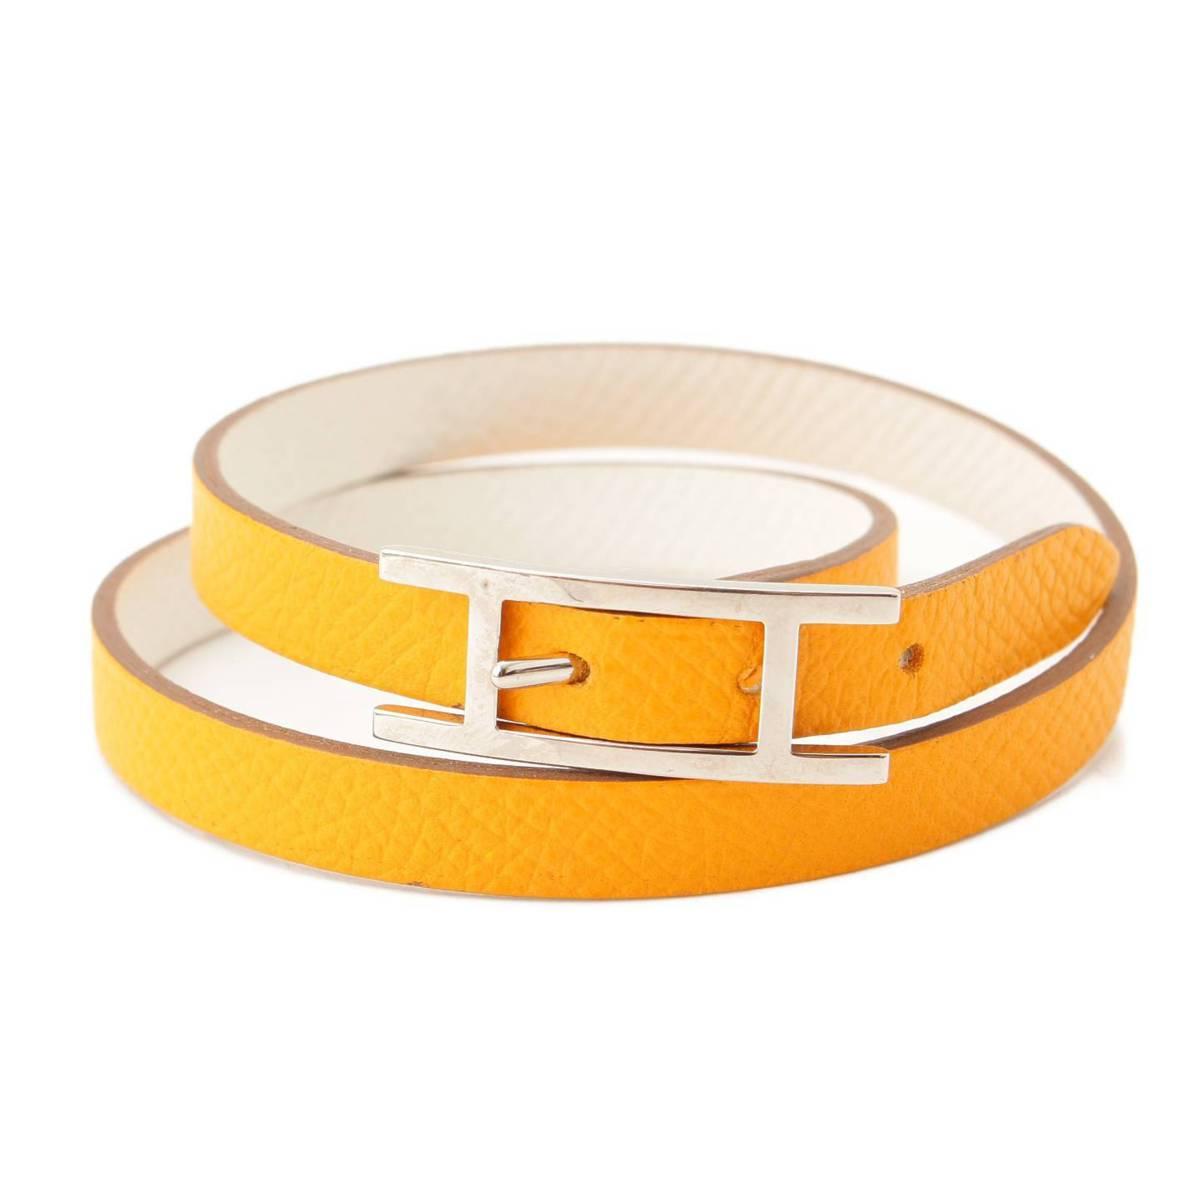 スーパーセール対象商品 エルメス Hermes 在庫あり ビーアピ リバーシブル レザー ブレスレット M 正規品保証 オレンジ×ホワイト 中古 93367 ふるさと割 鑑定済